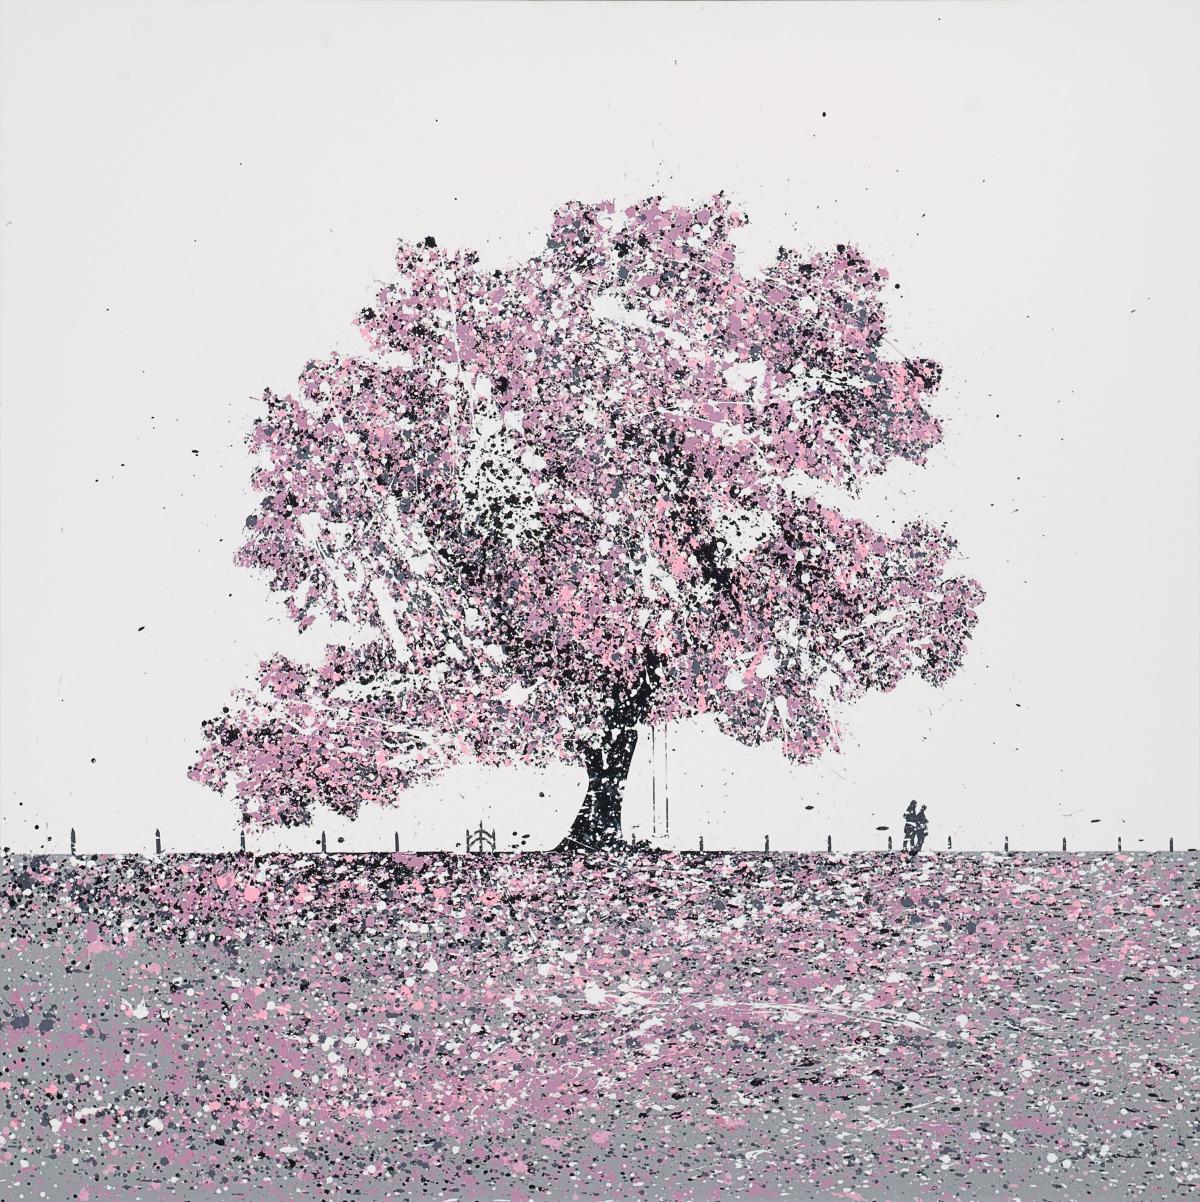 'Cherry Blossom'